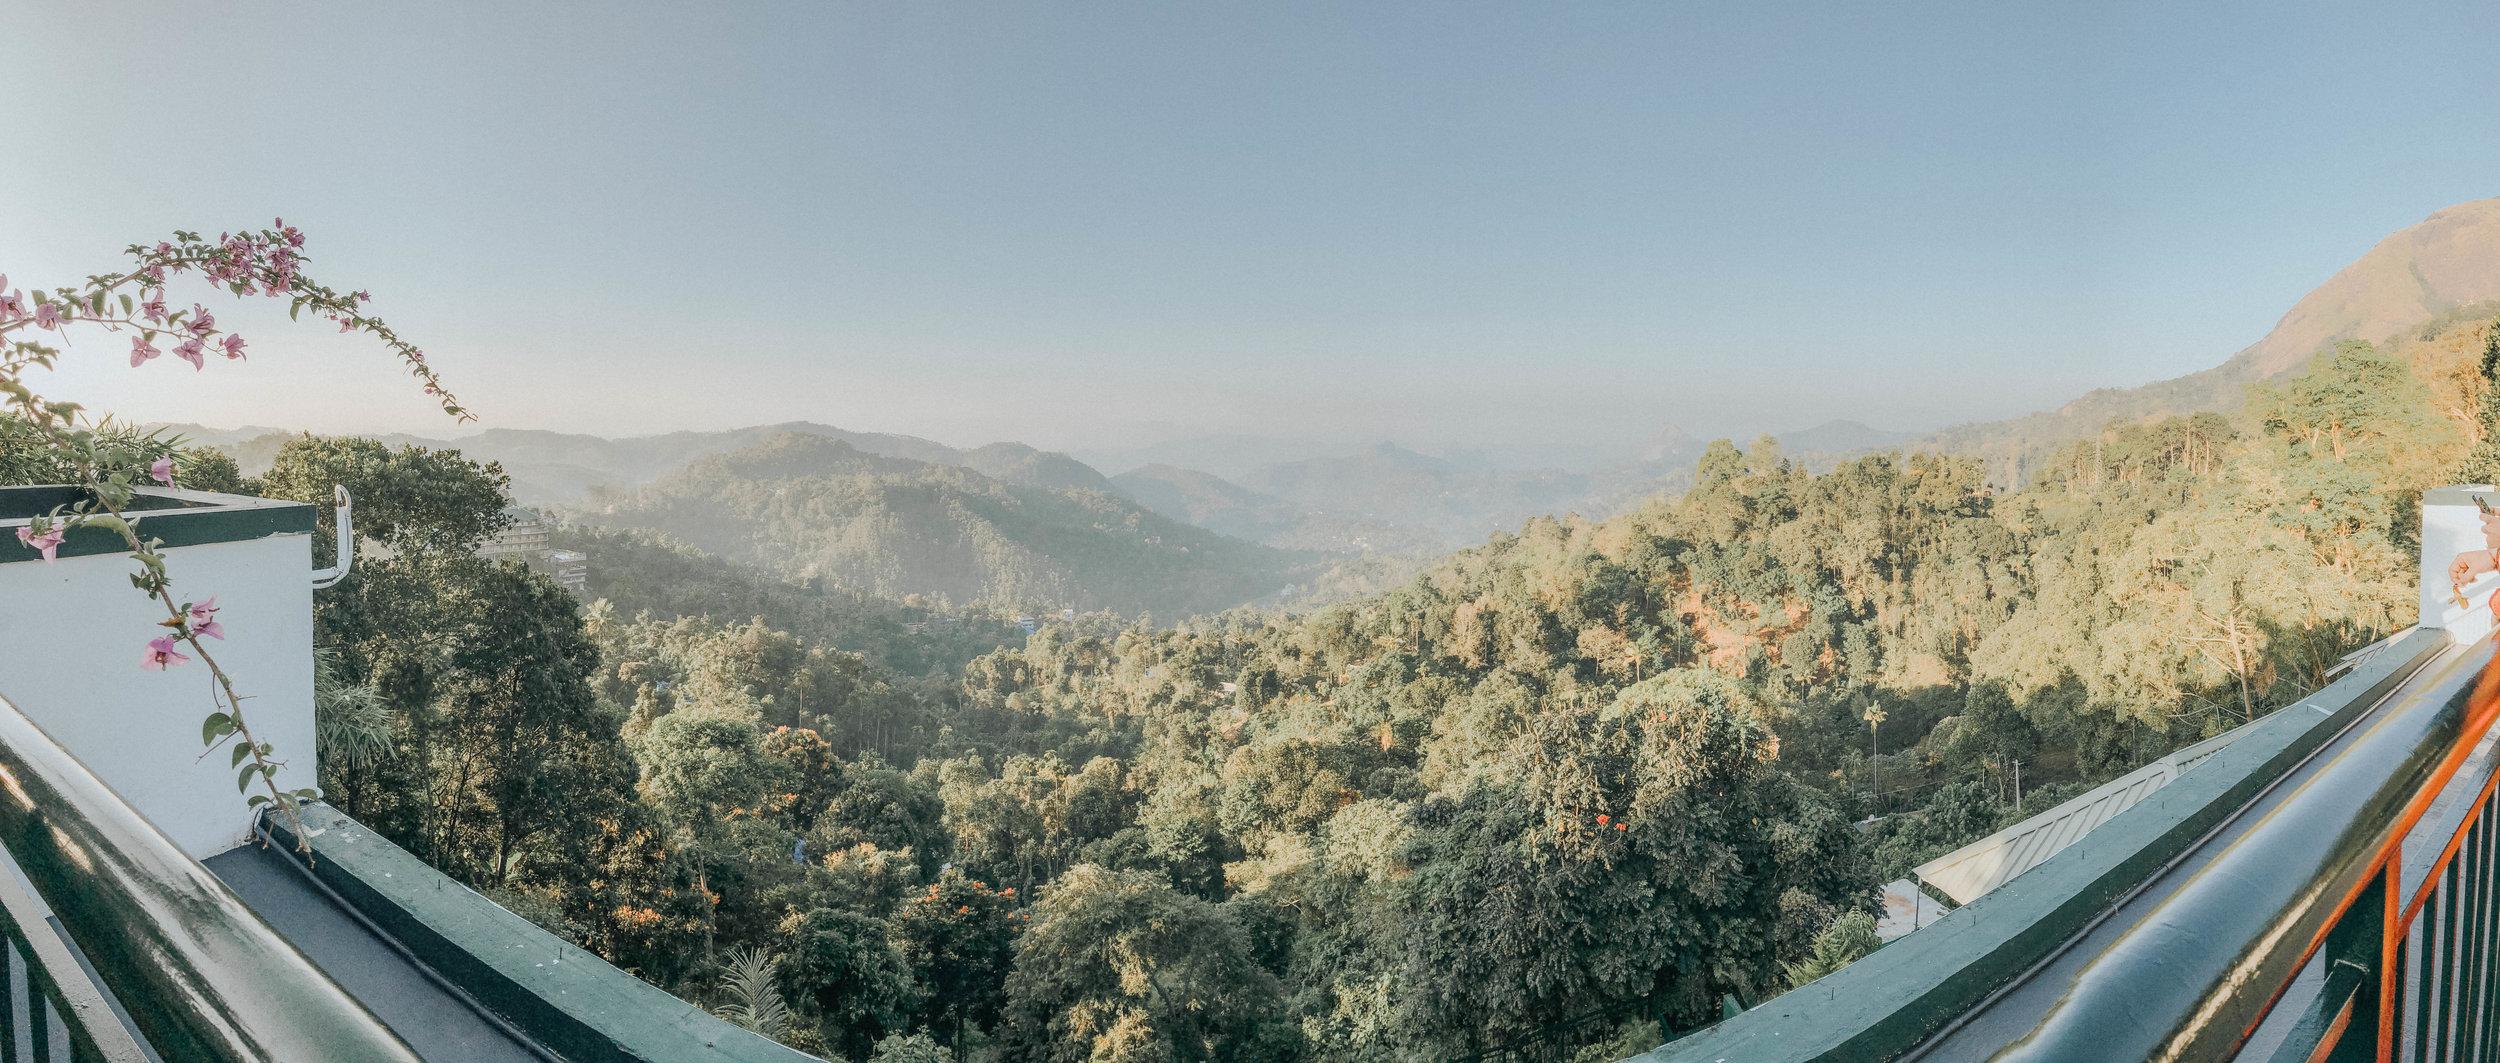 Munnar Tea Resorts   Kerala, India   Photo and Editing by Elle Rigg